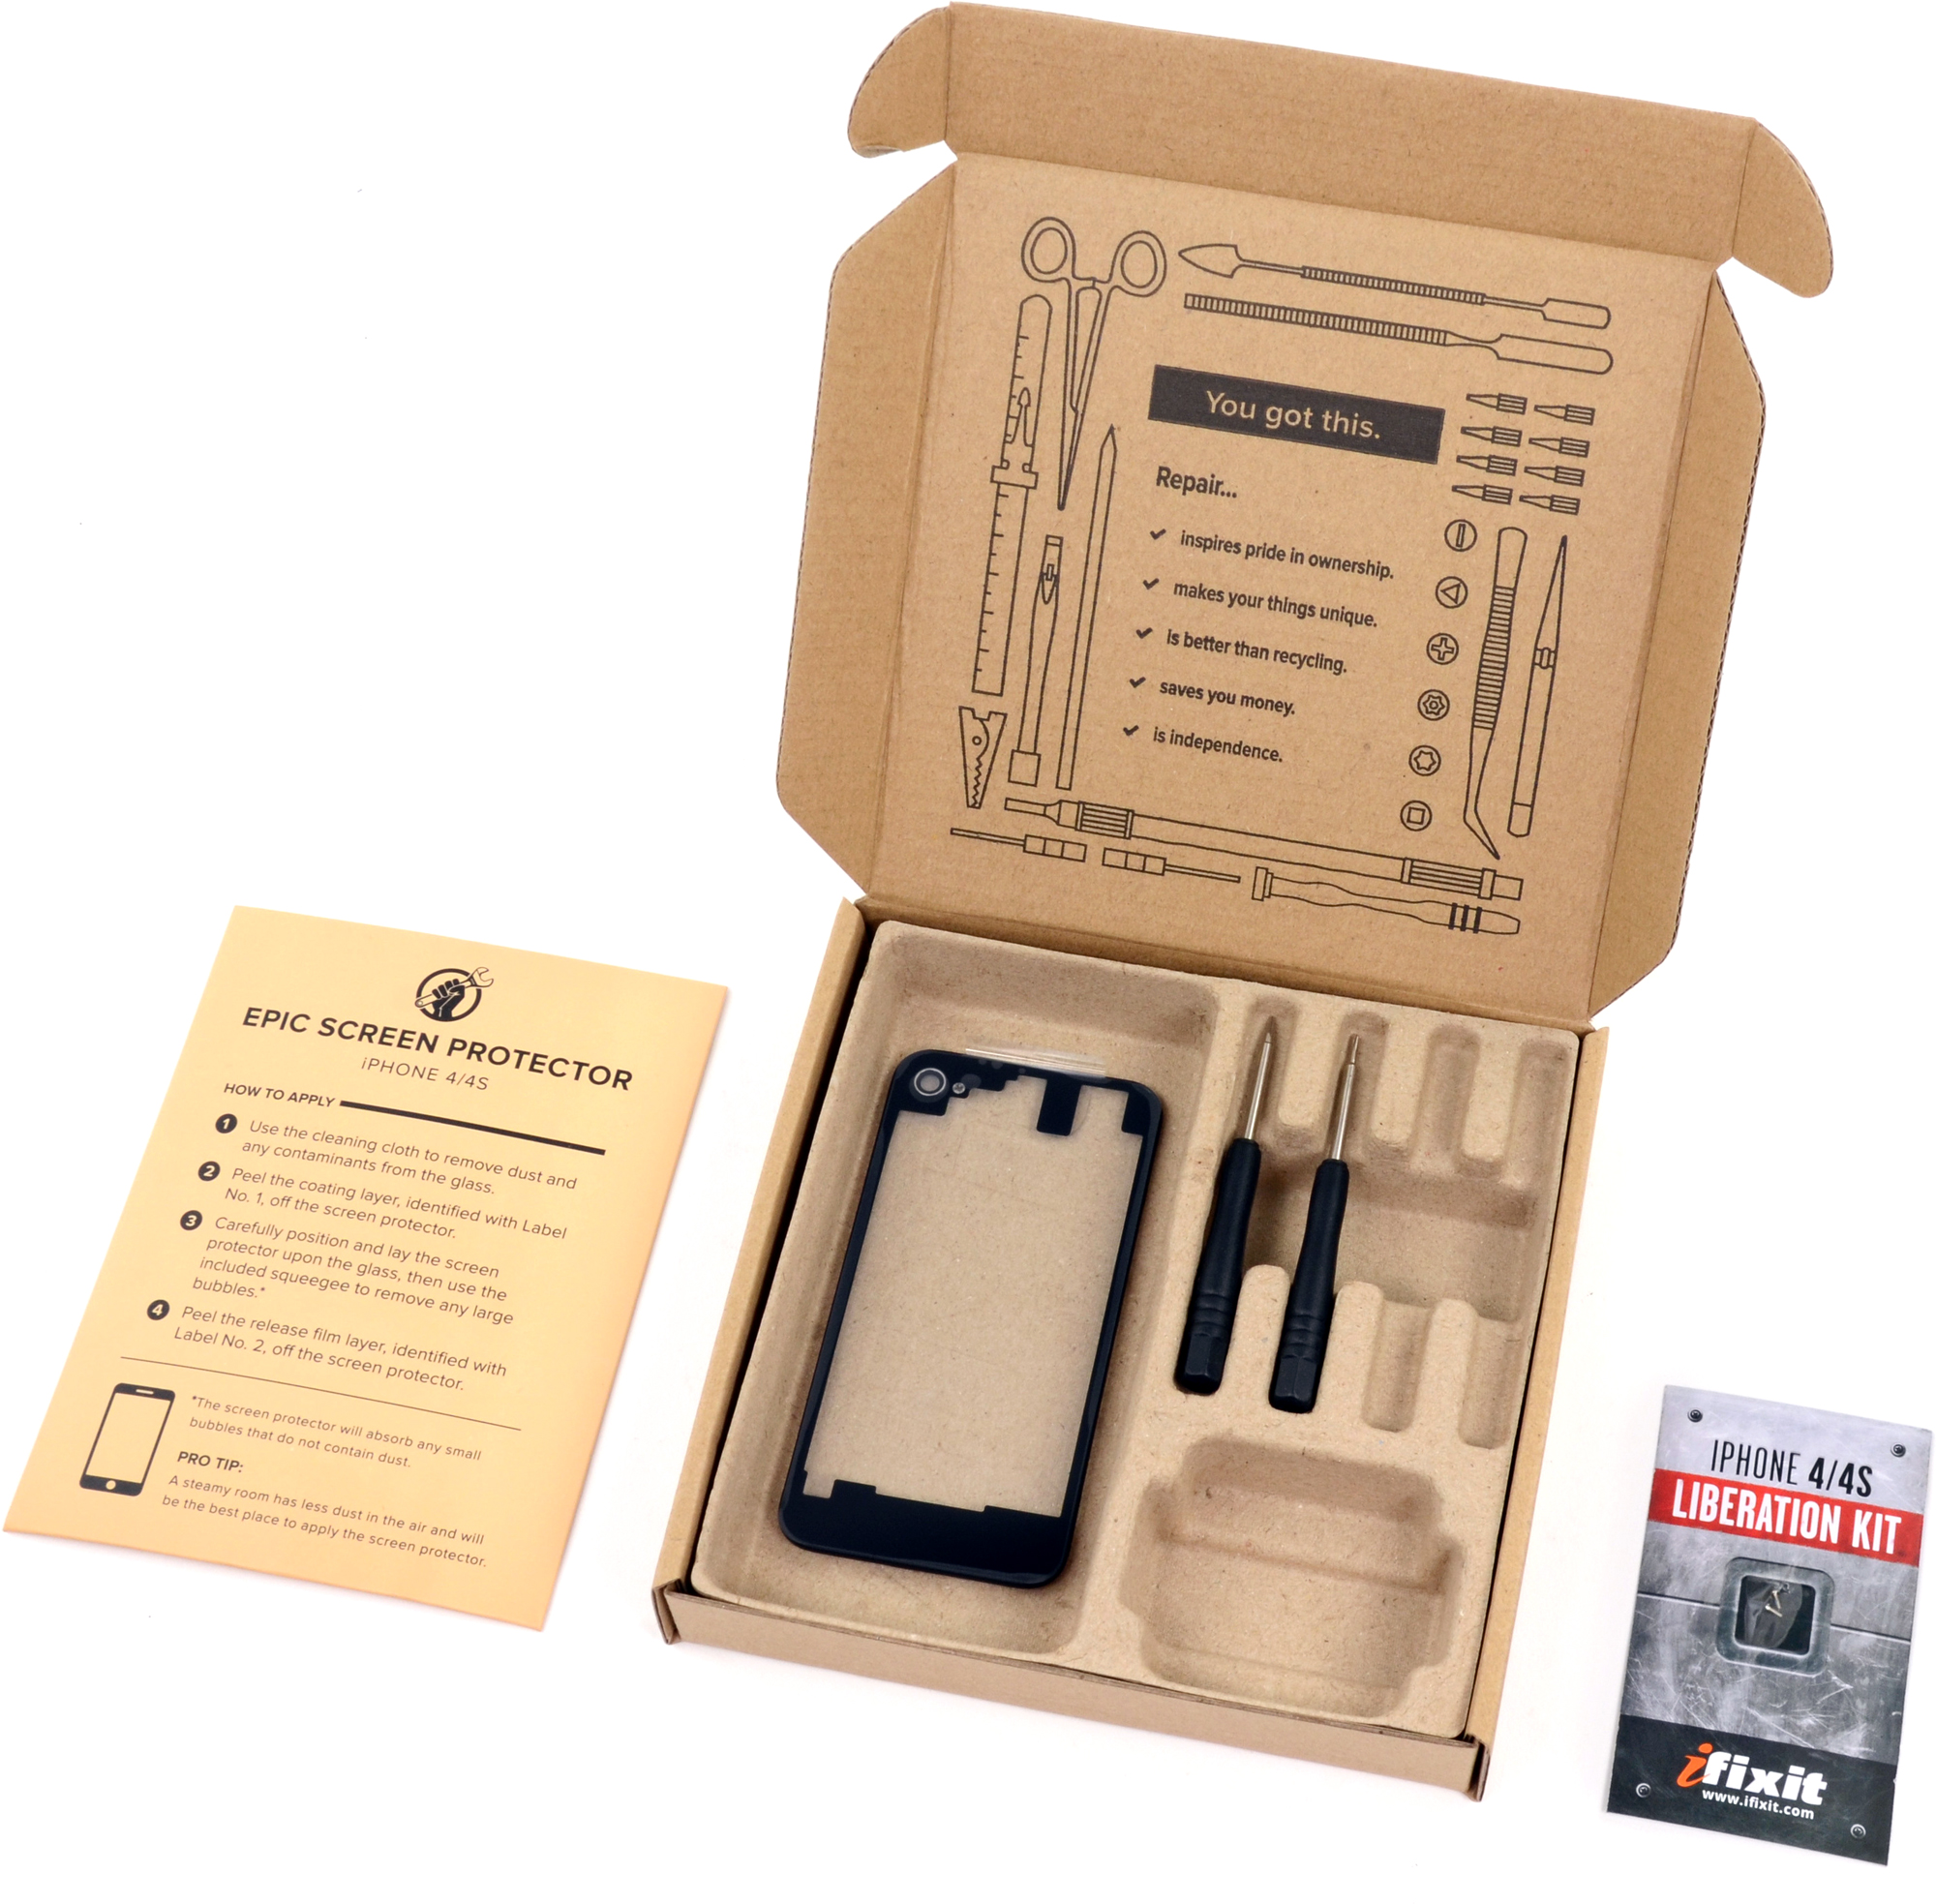 iPhone 4S Revelation Kit - iFixit